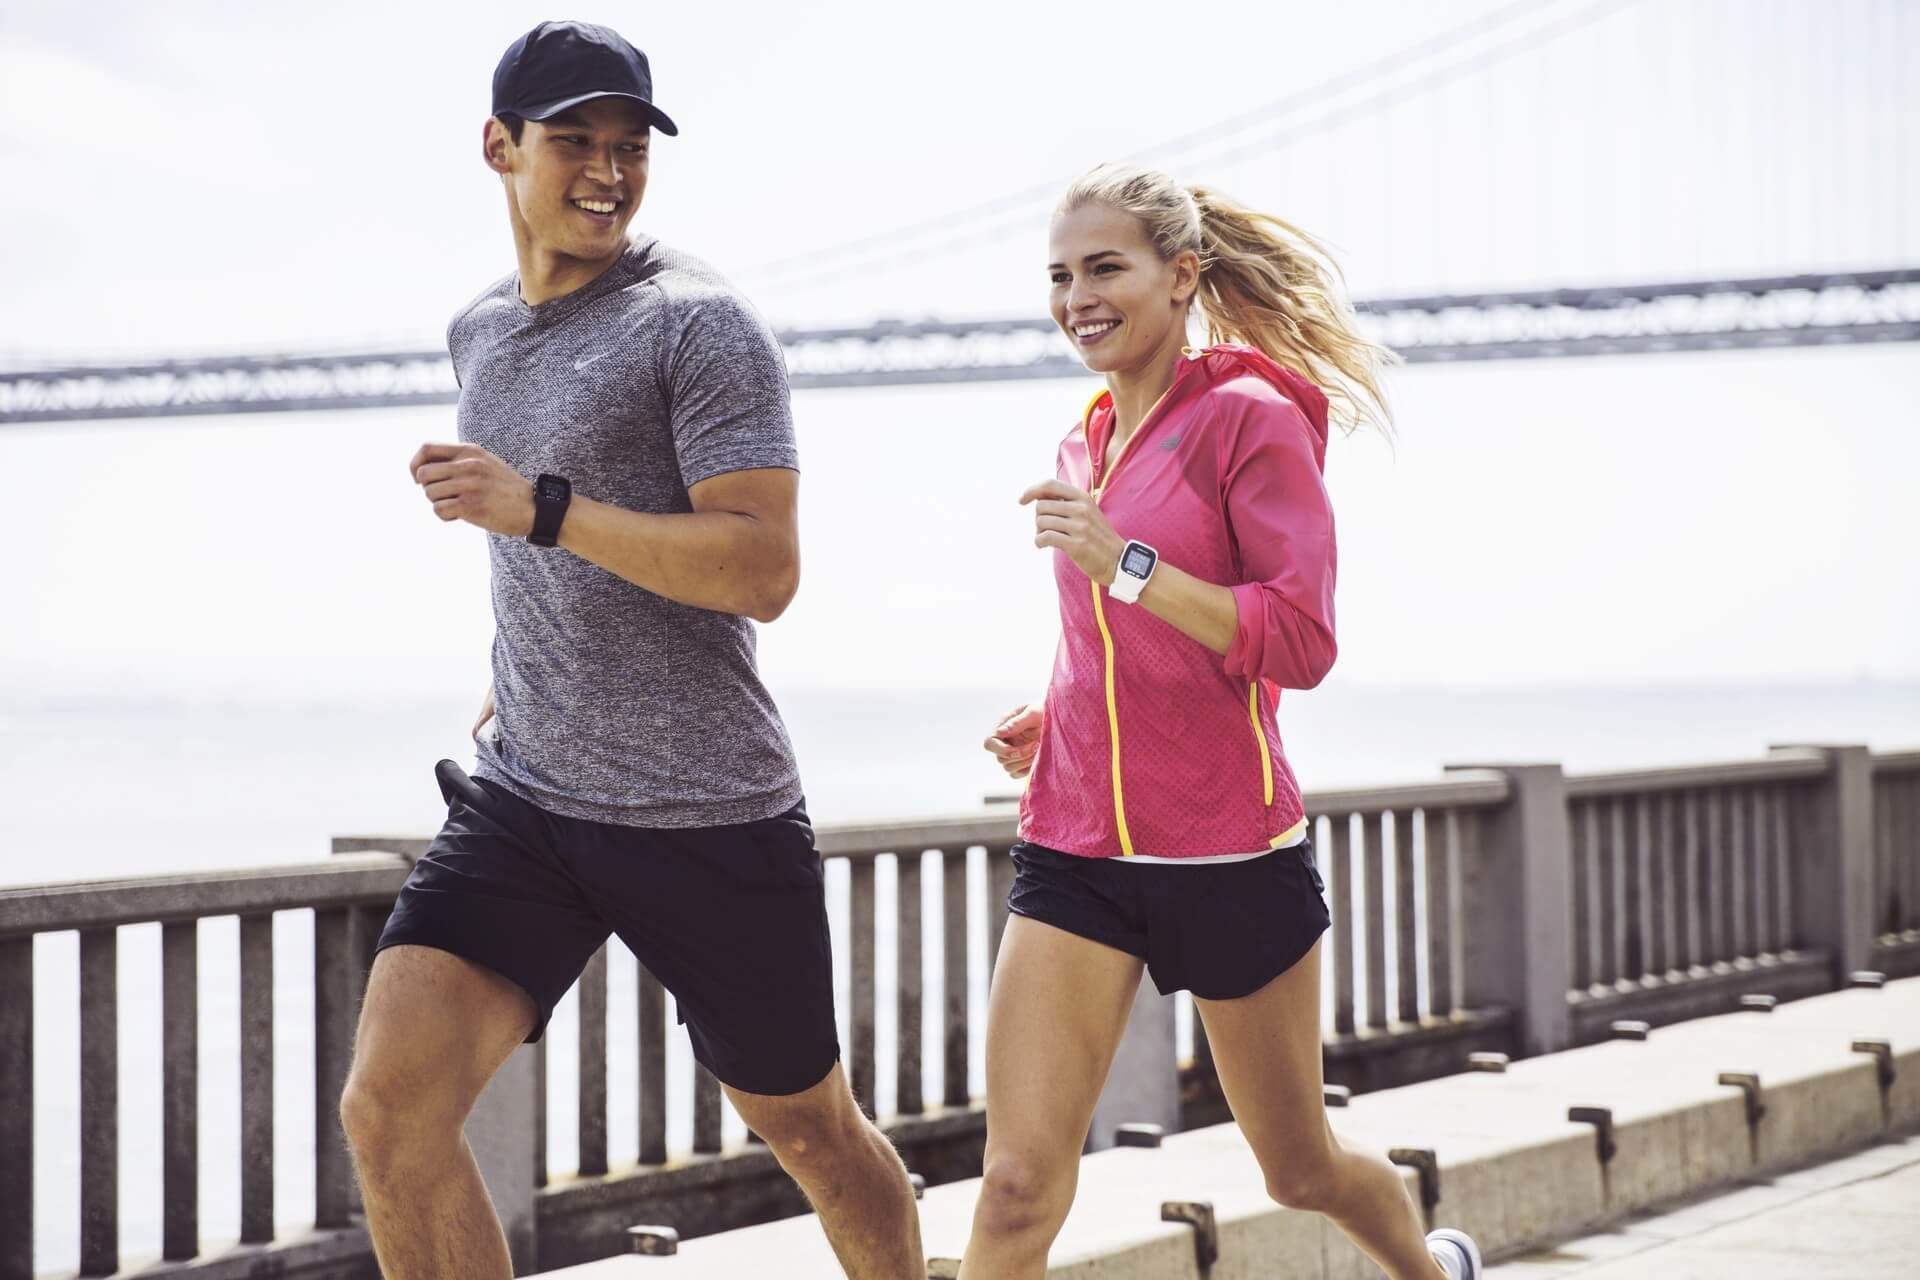 полезен ли бег для сердца